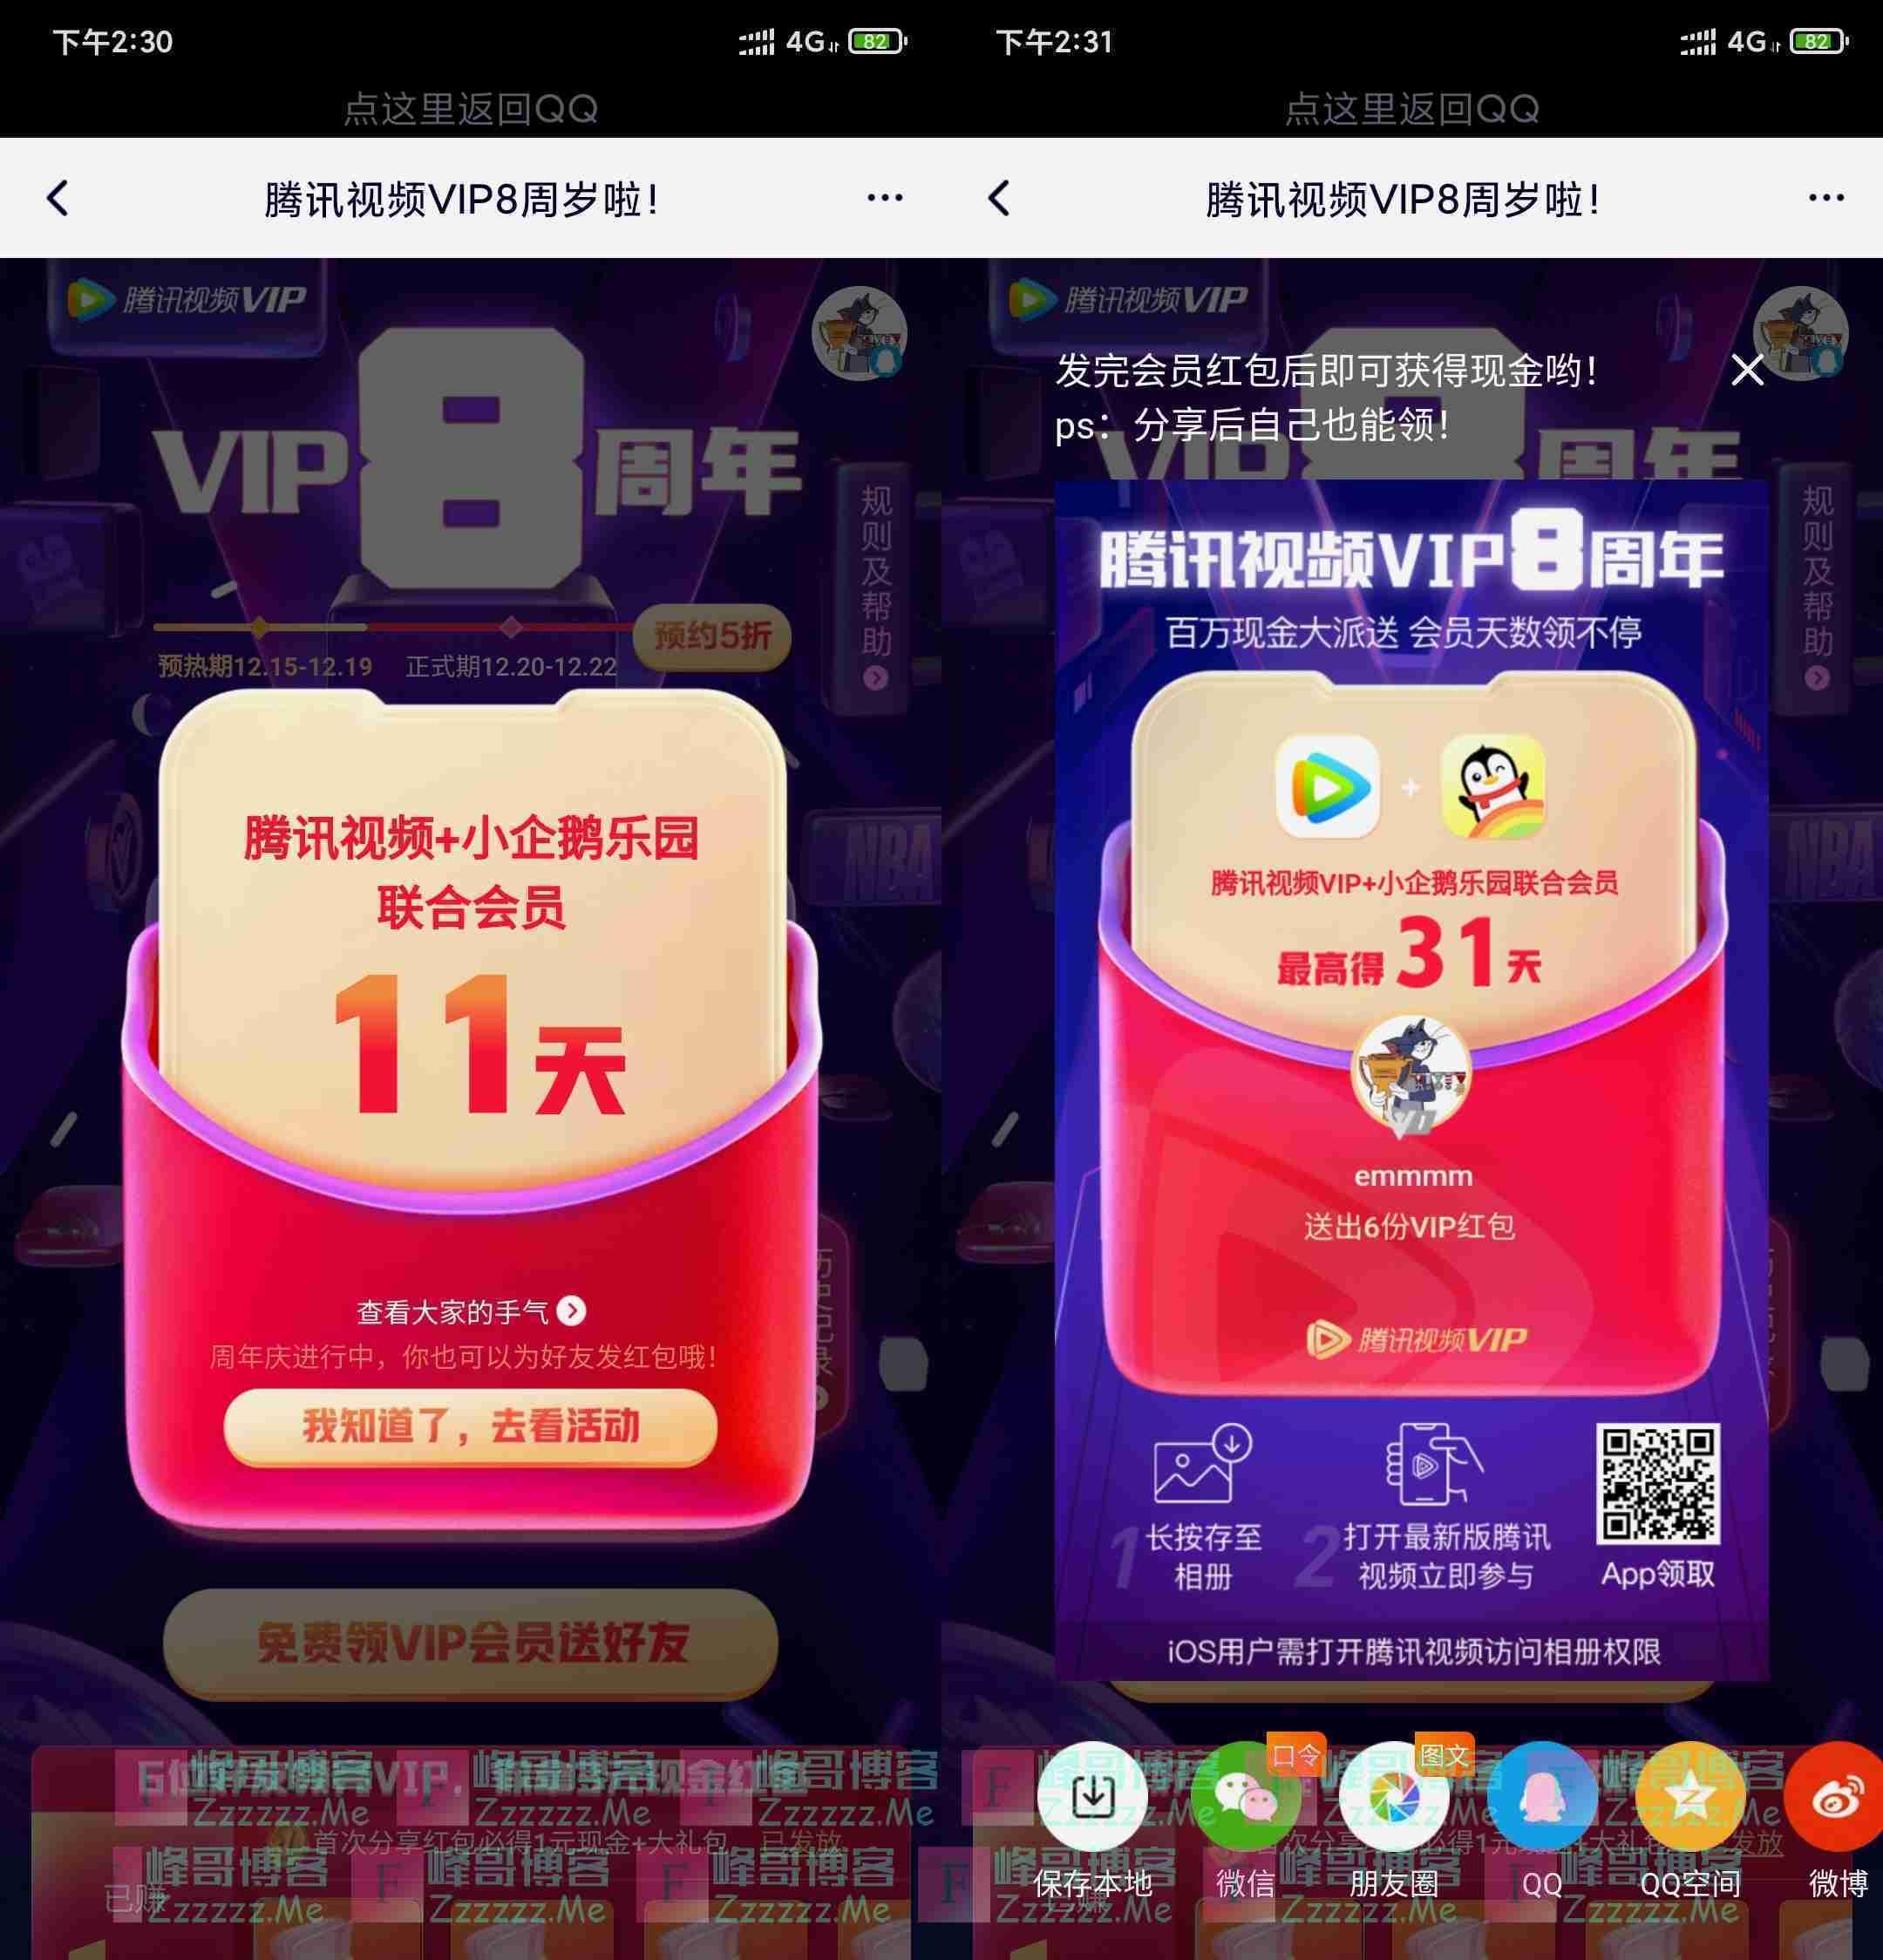 腾讯视频8周年活动 随机领腾讯视频VIP会员最高31天